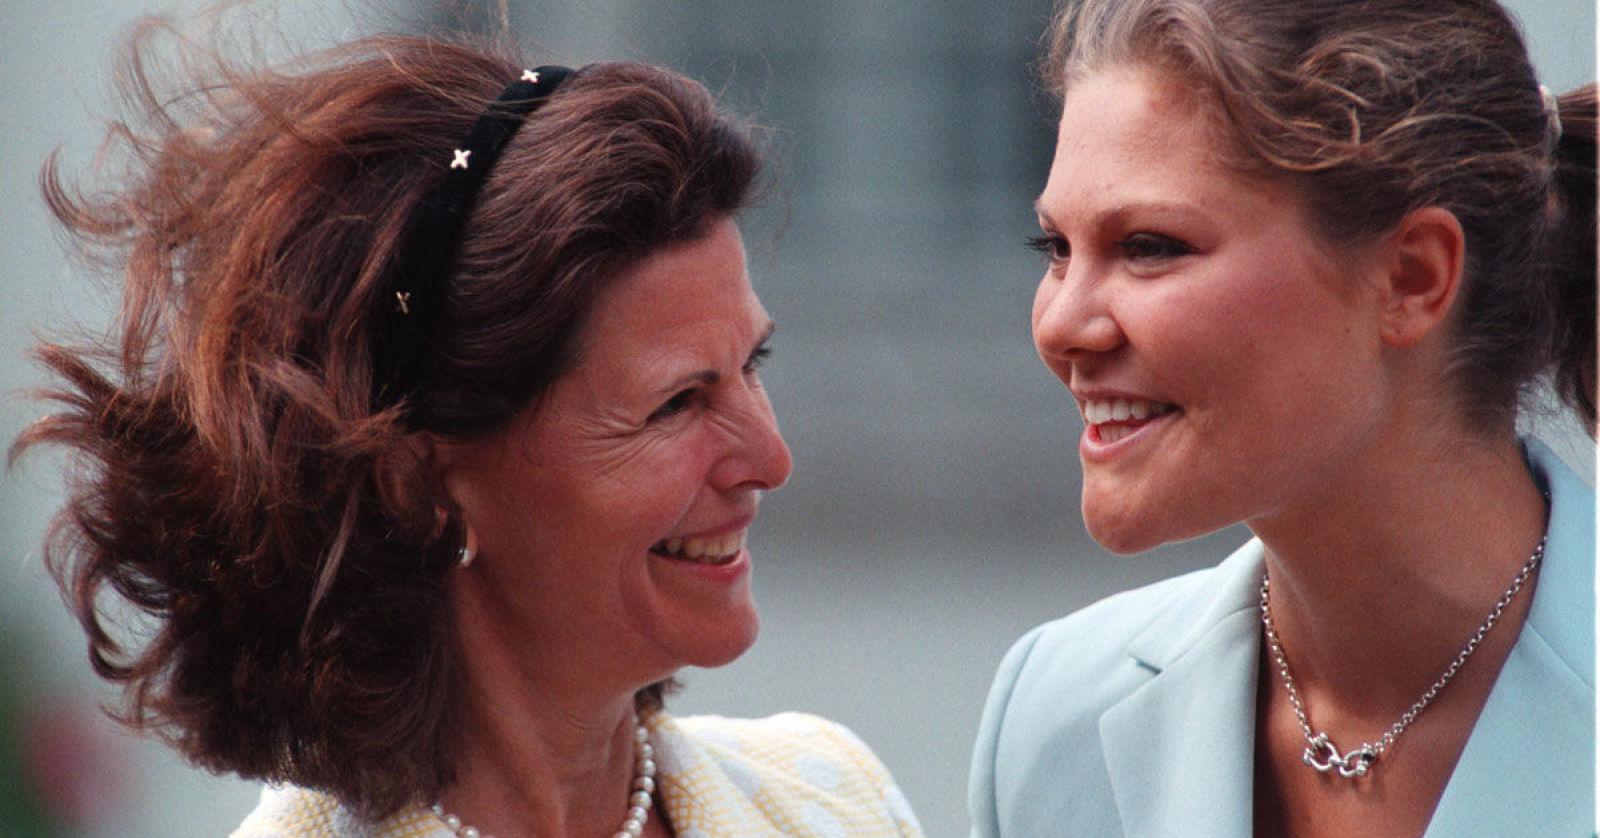 Взрослая дочь-кронпринцесса, отмечающая 44 года и мама-королева - похожи как две капли воды или ?